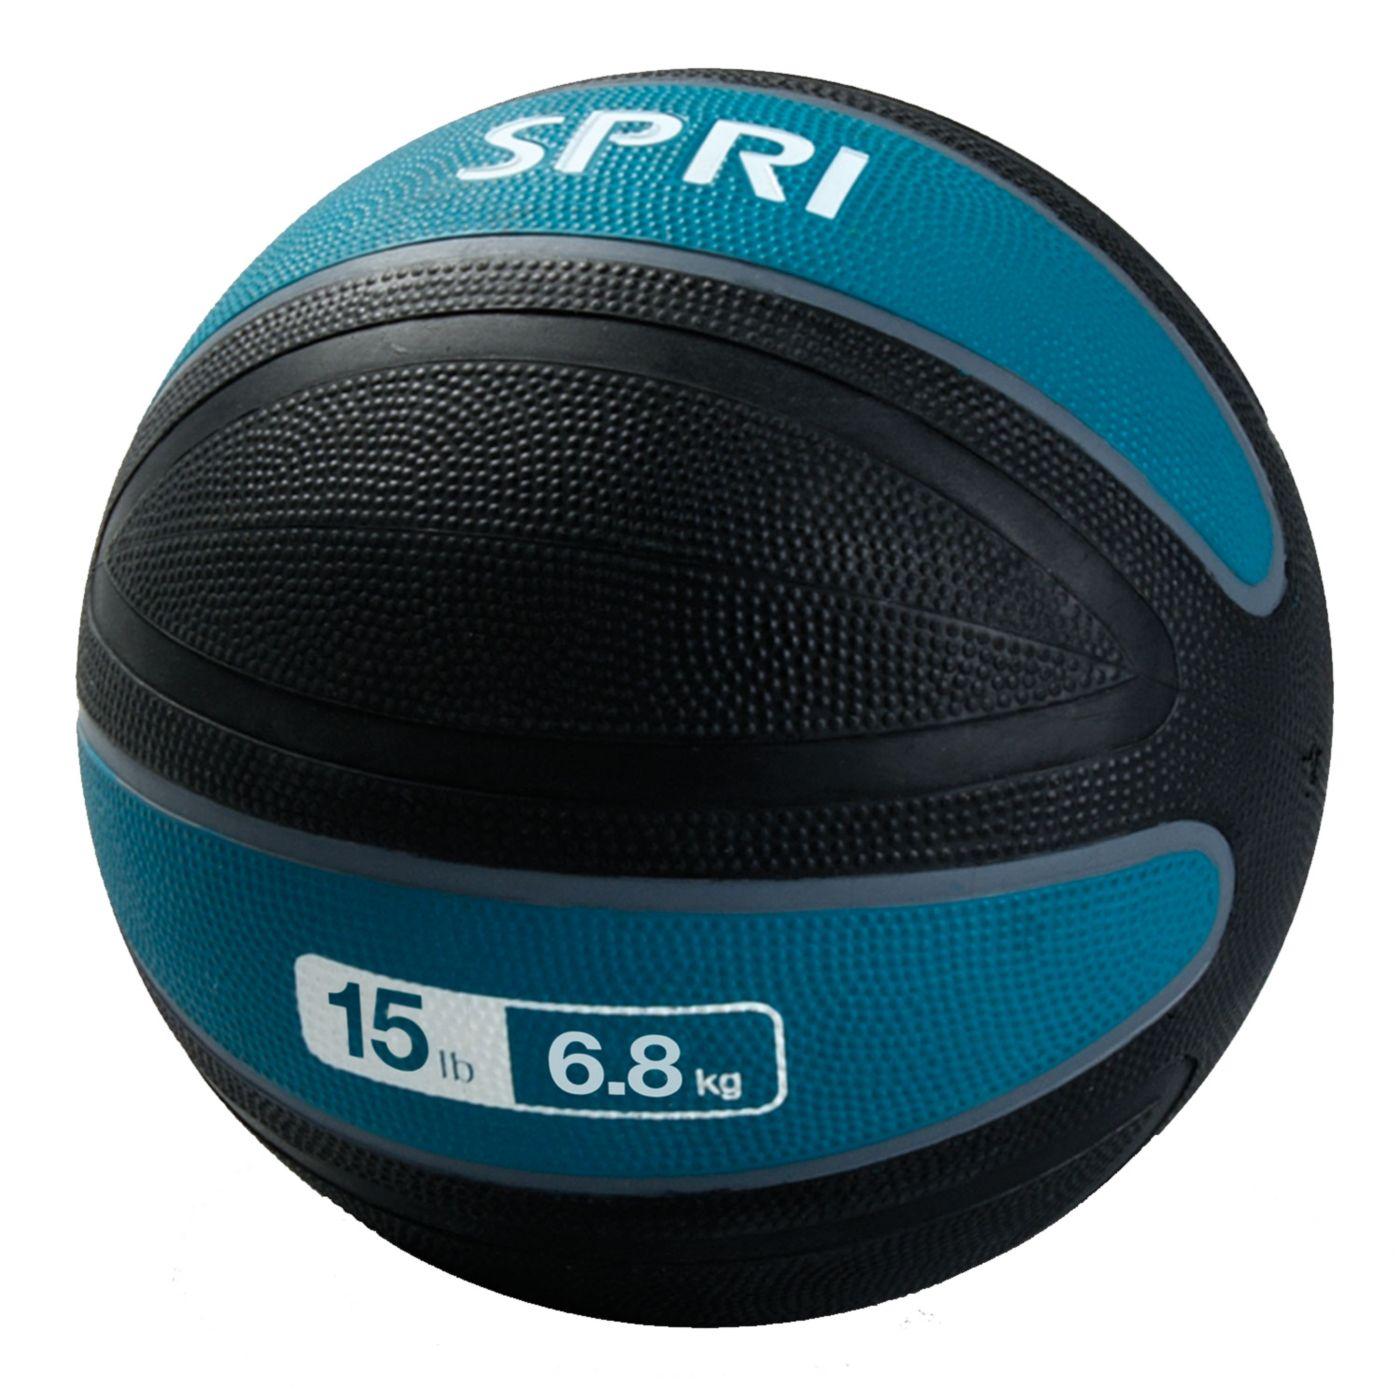 SPRI Xerball 15 lb. Medicine Ball